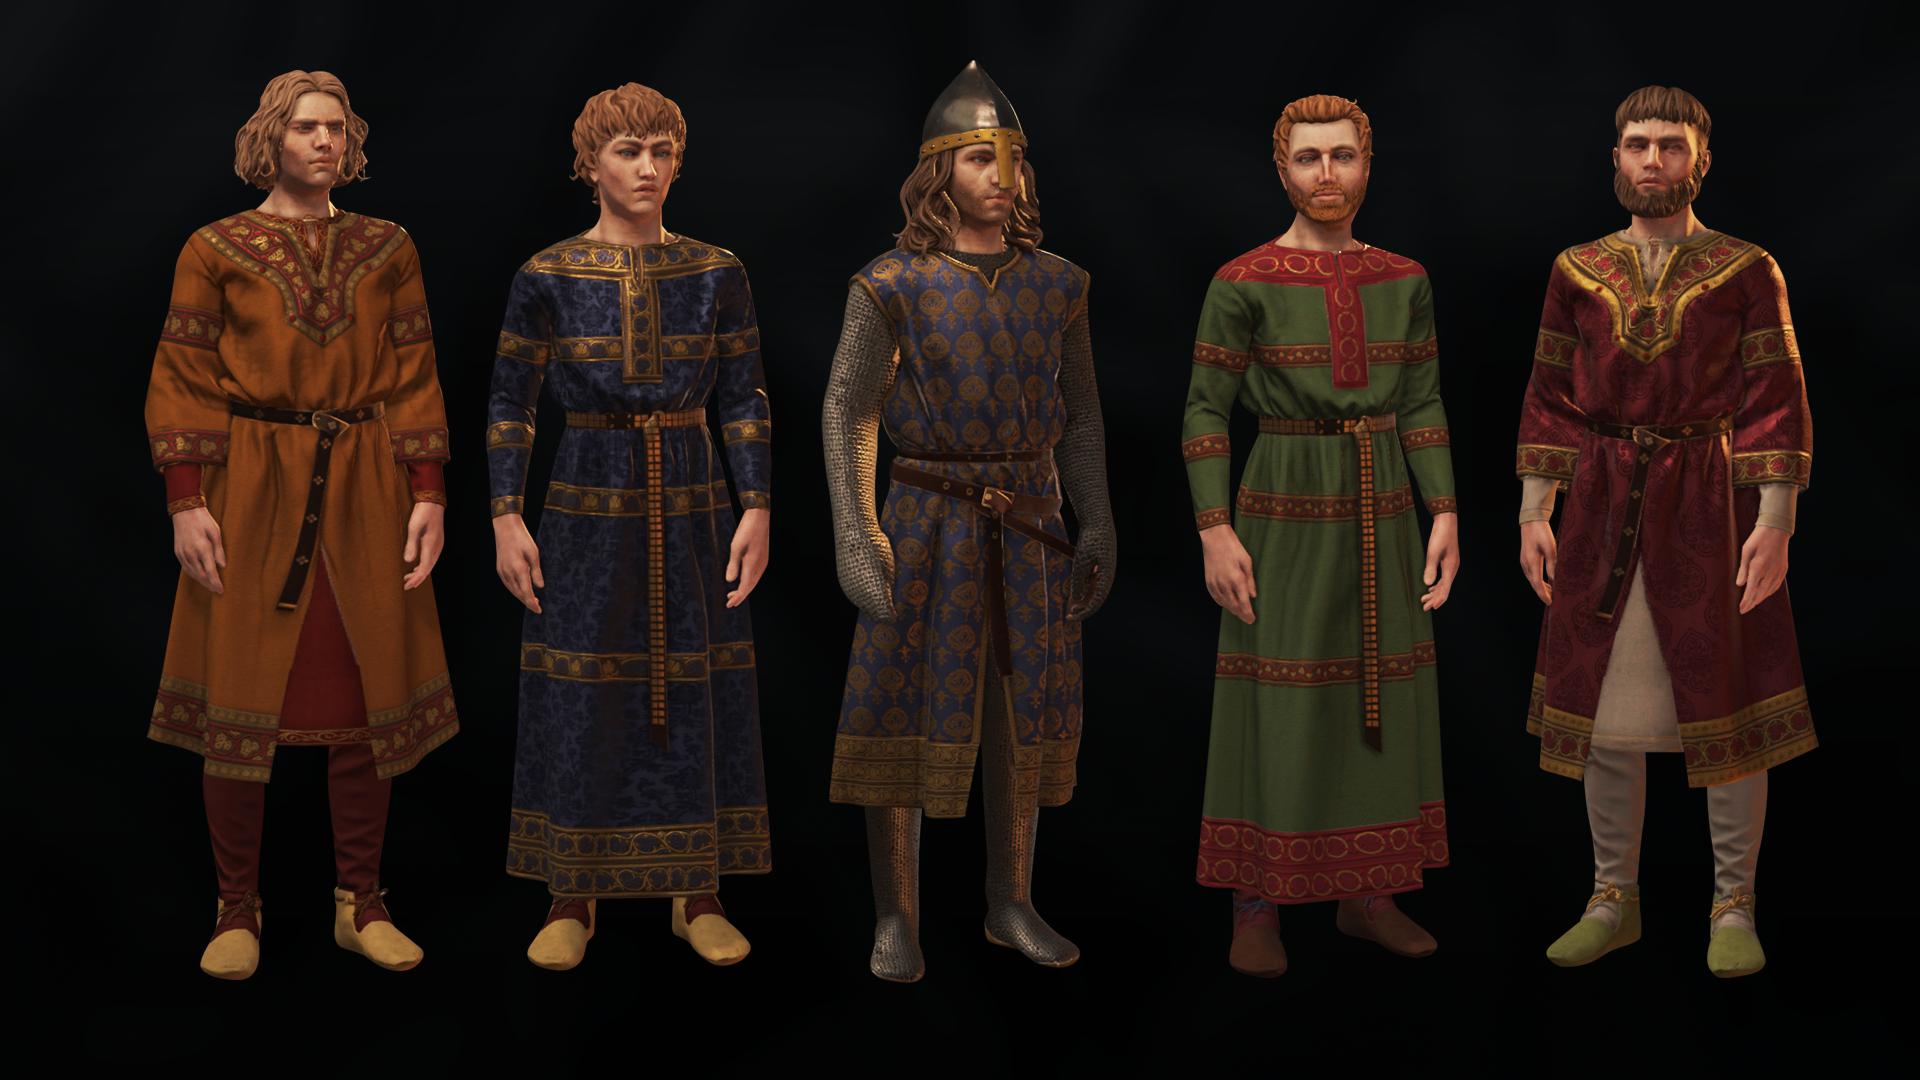 《十字军之王3》开发日志:附庸契约、角色肖像介绍